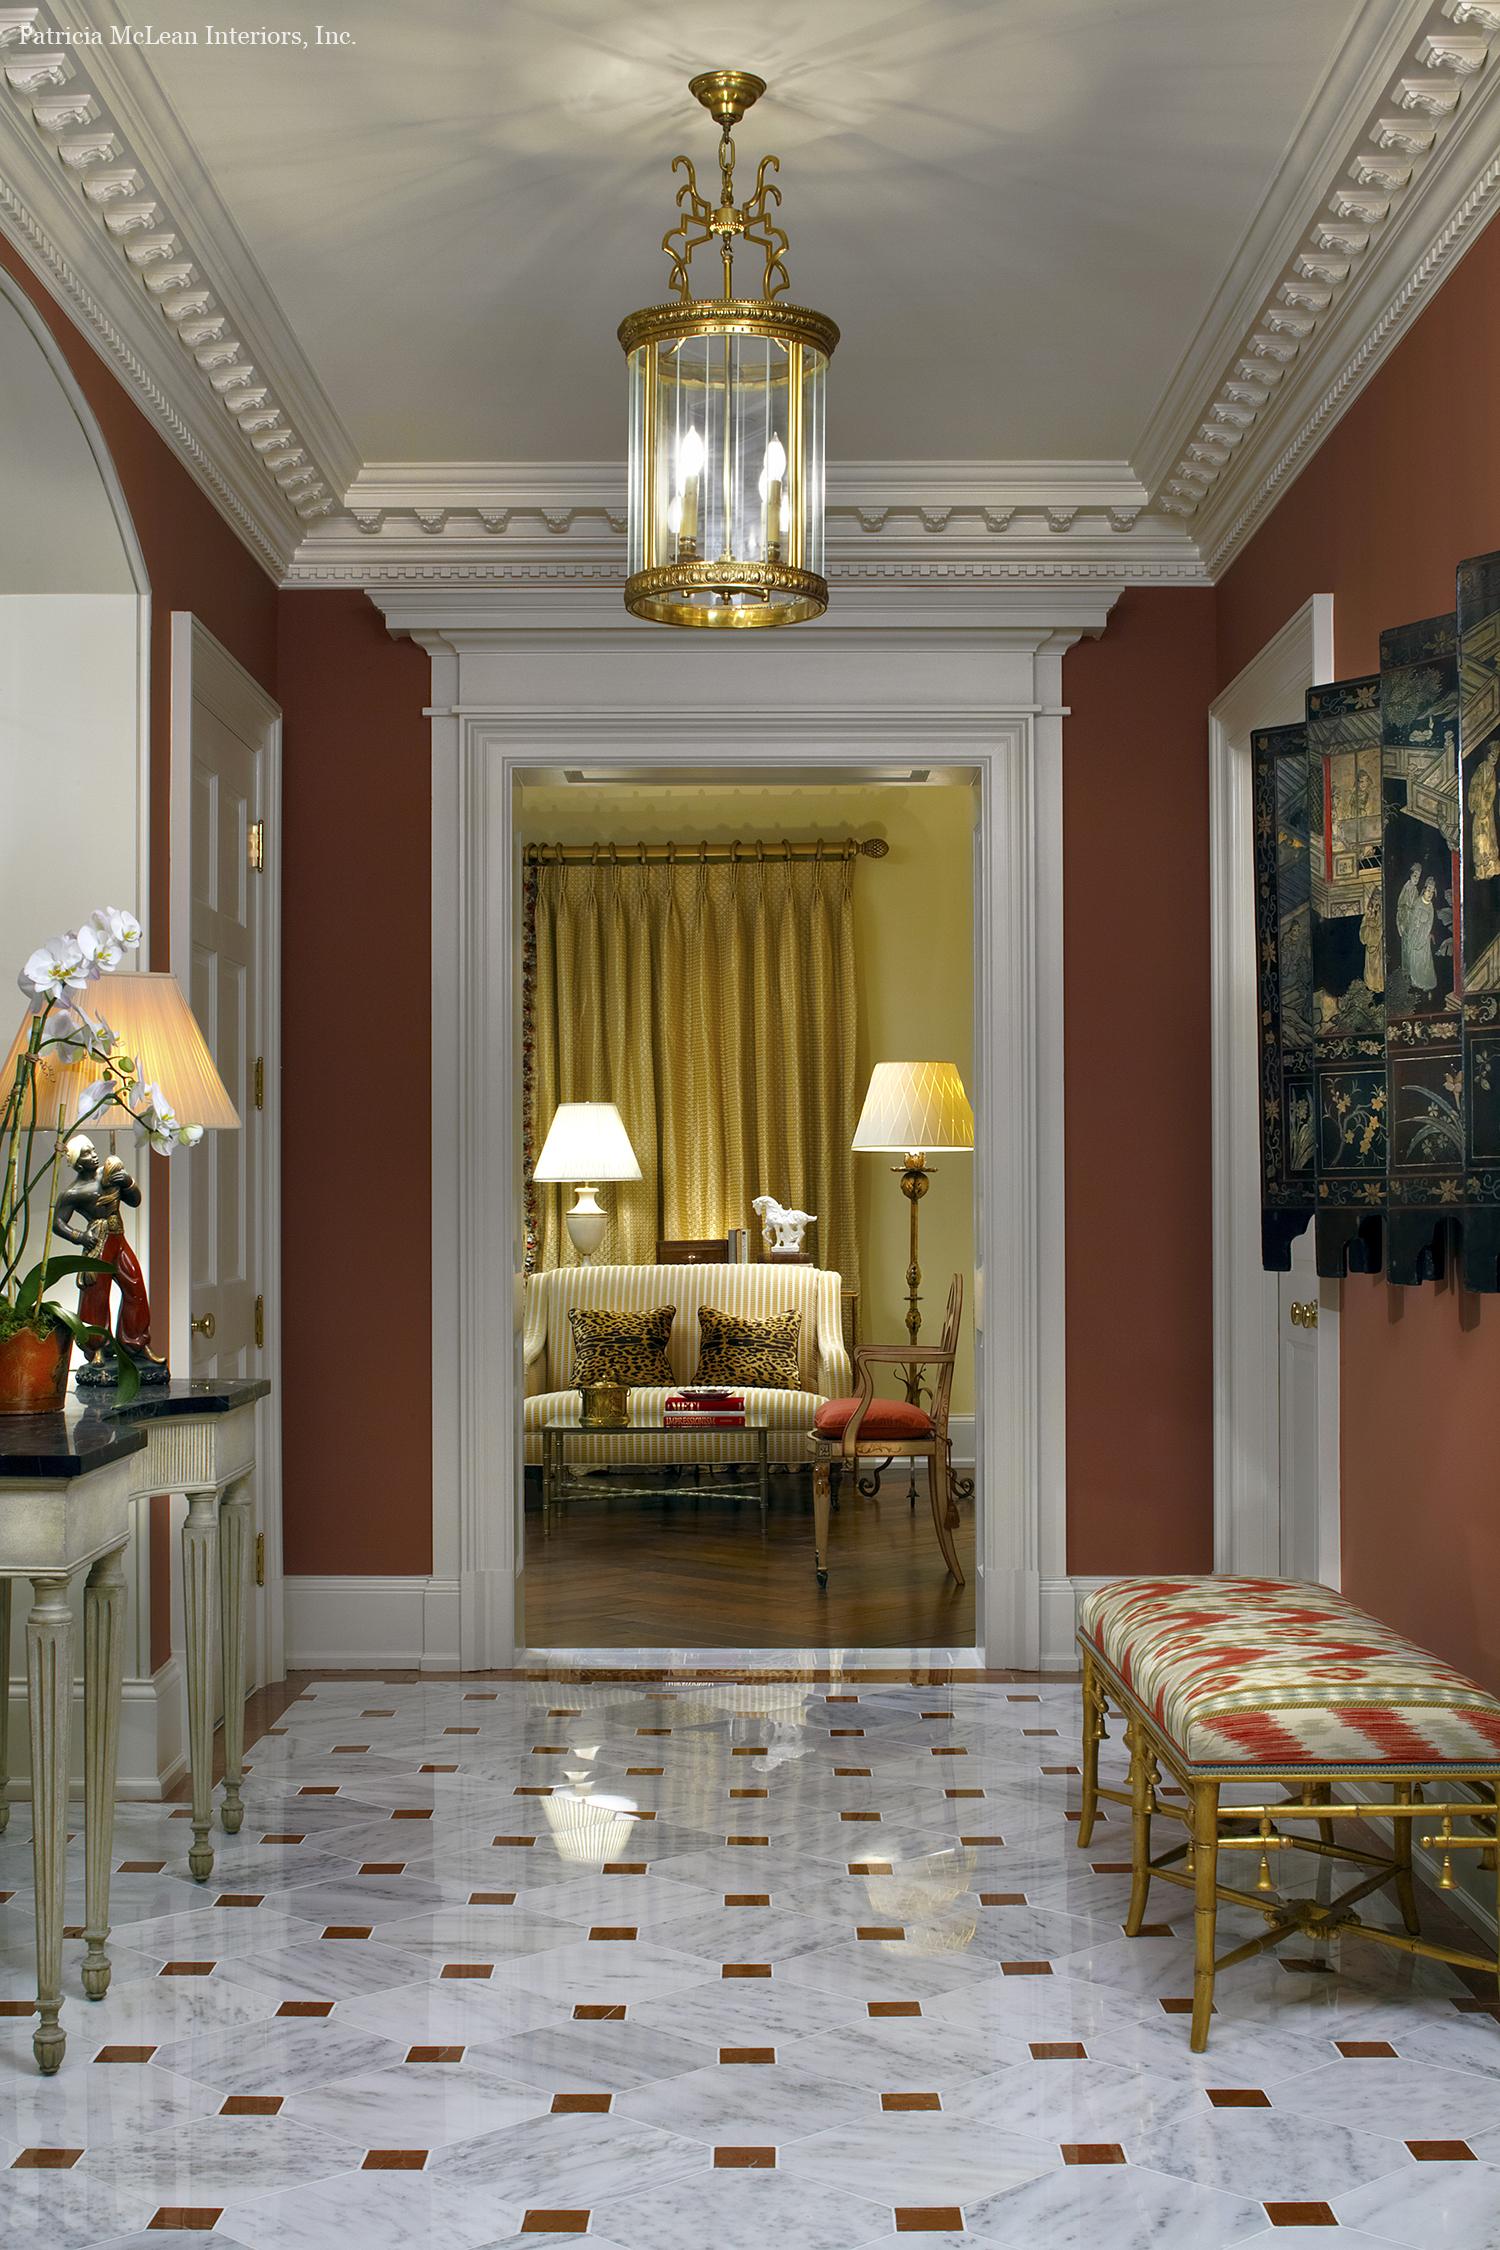 St Regis_Entry Foyer_EDIT.jpg